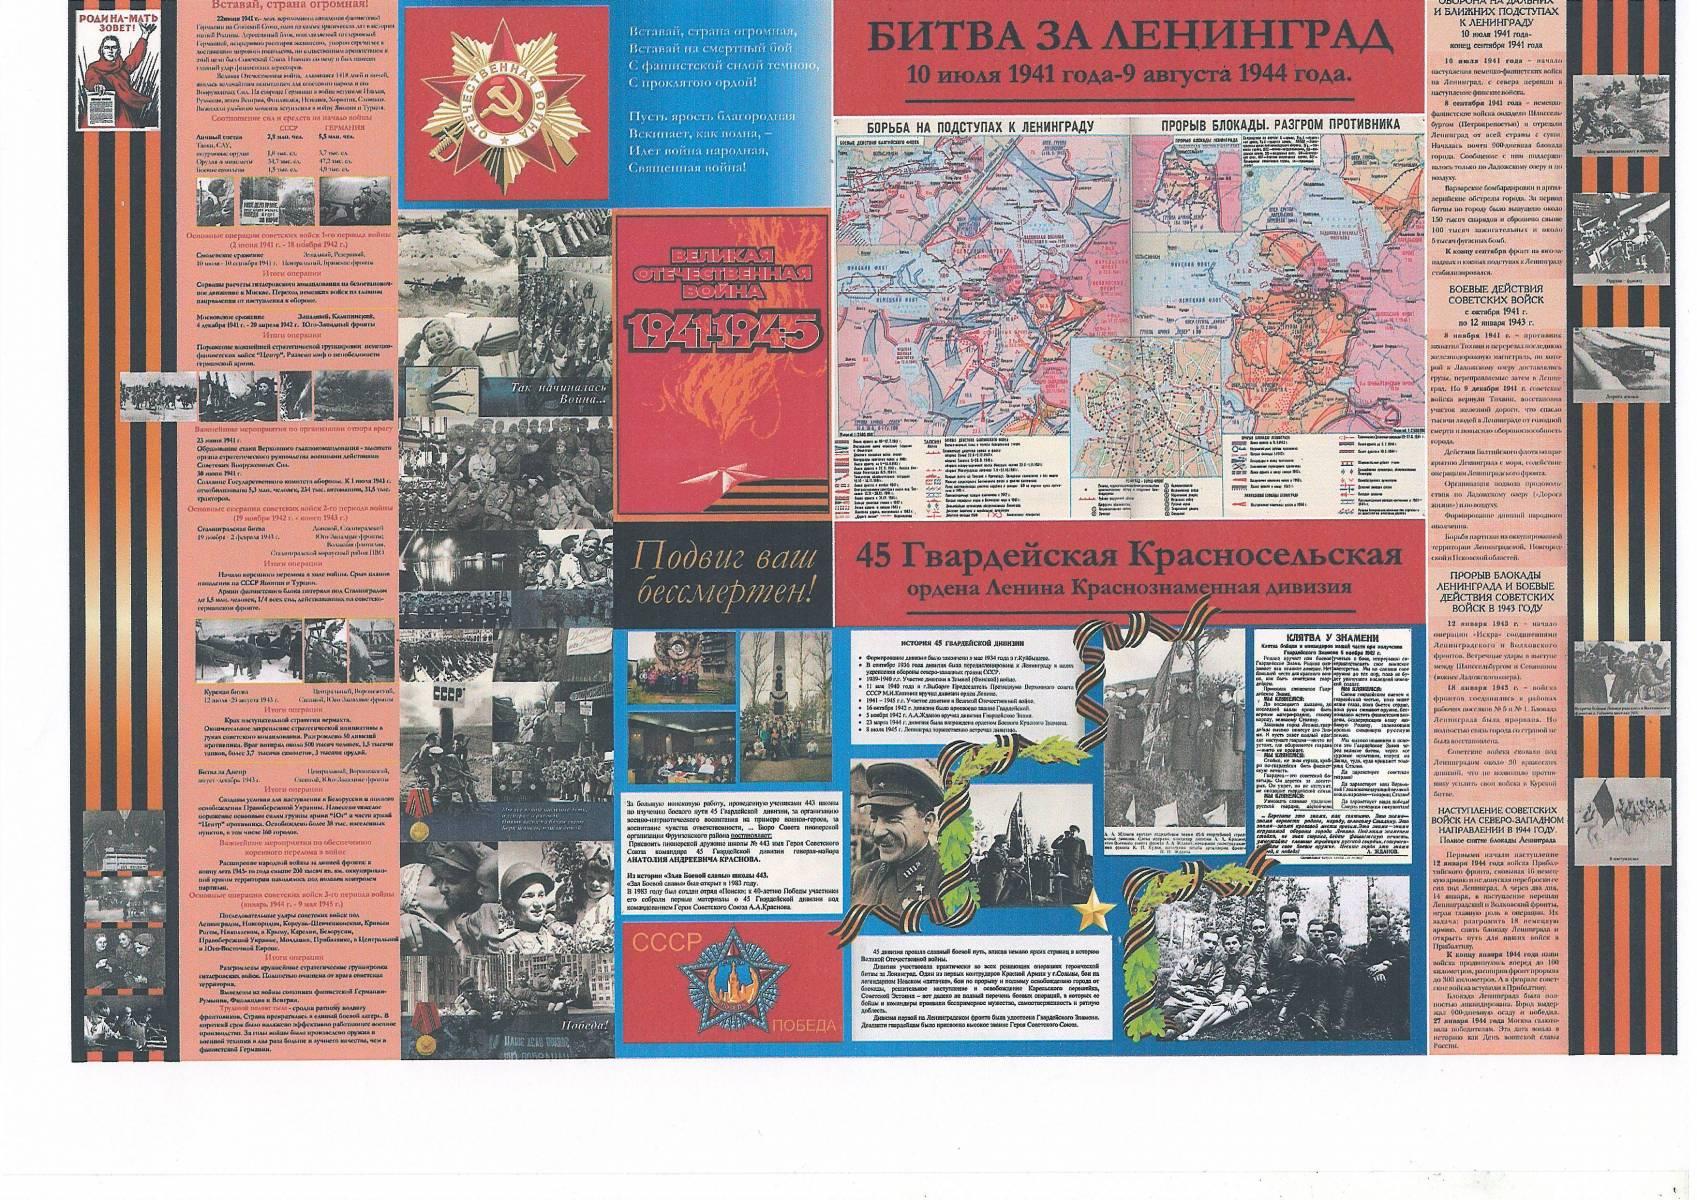 Великая-Отечественная-война-и-блокада